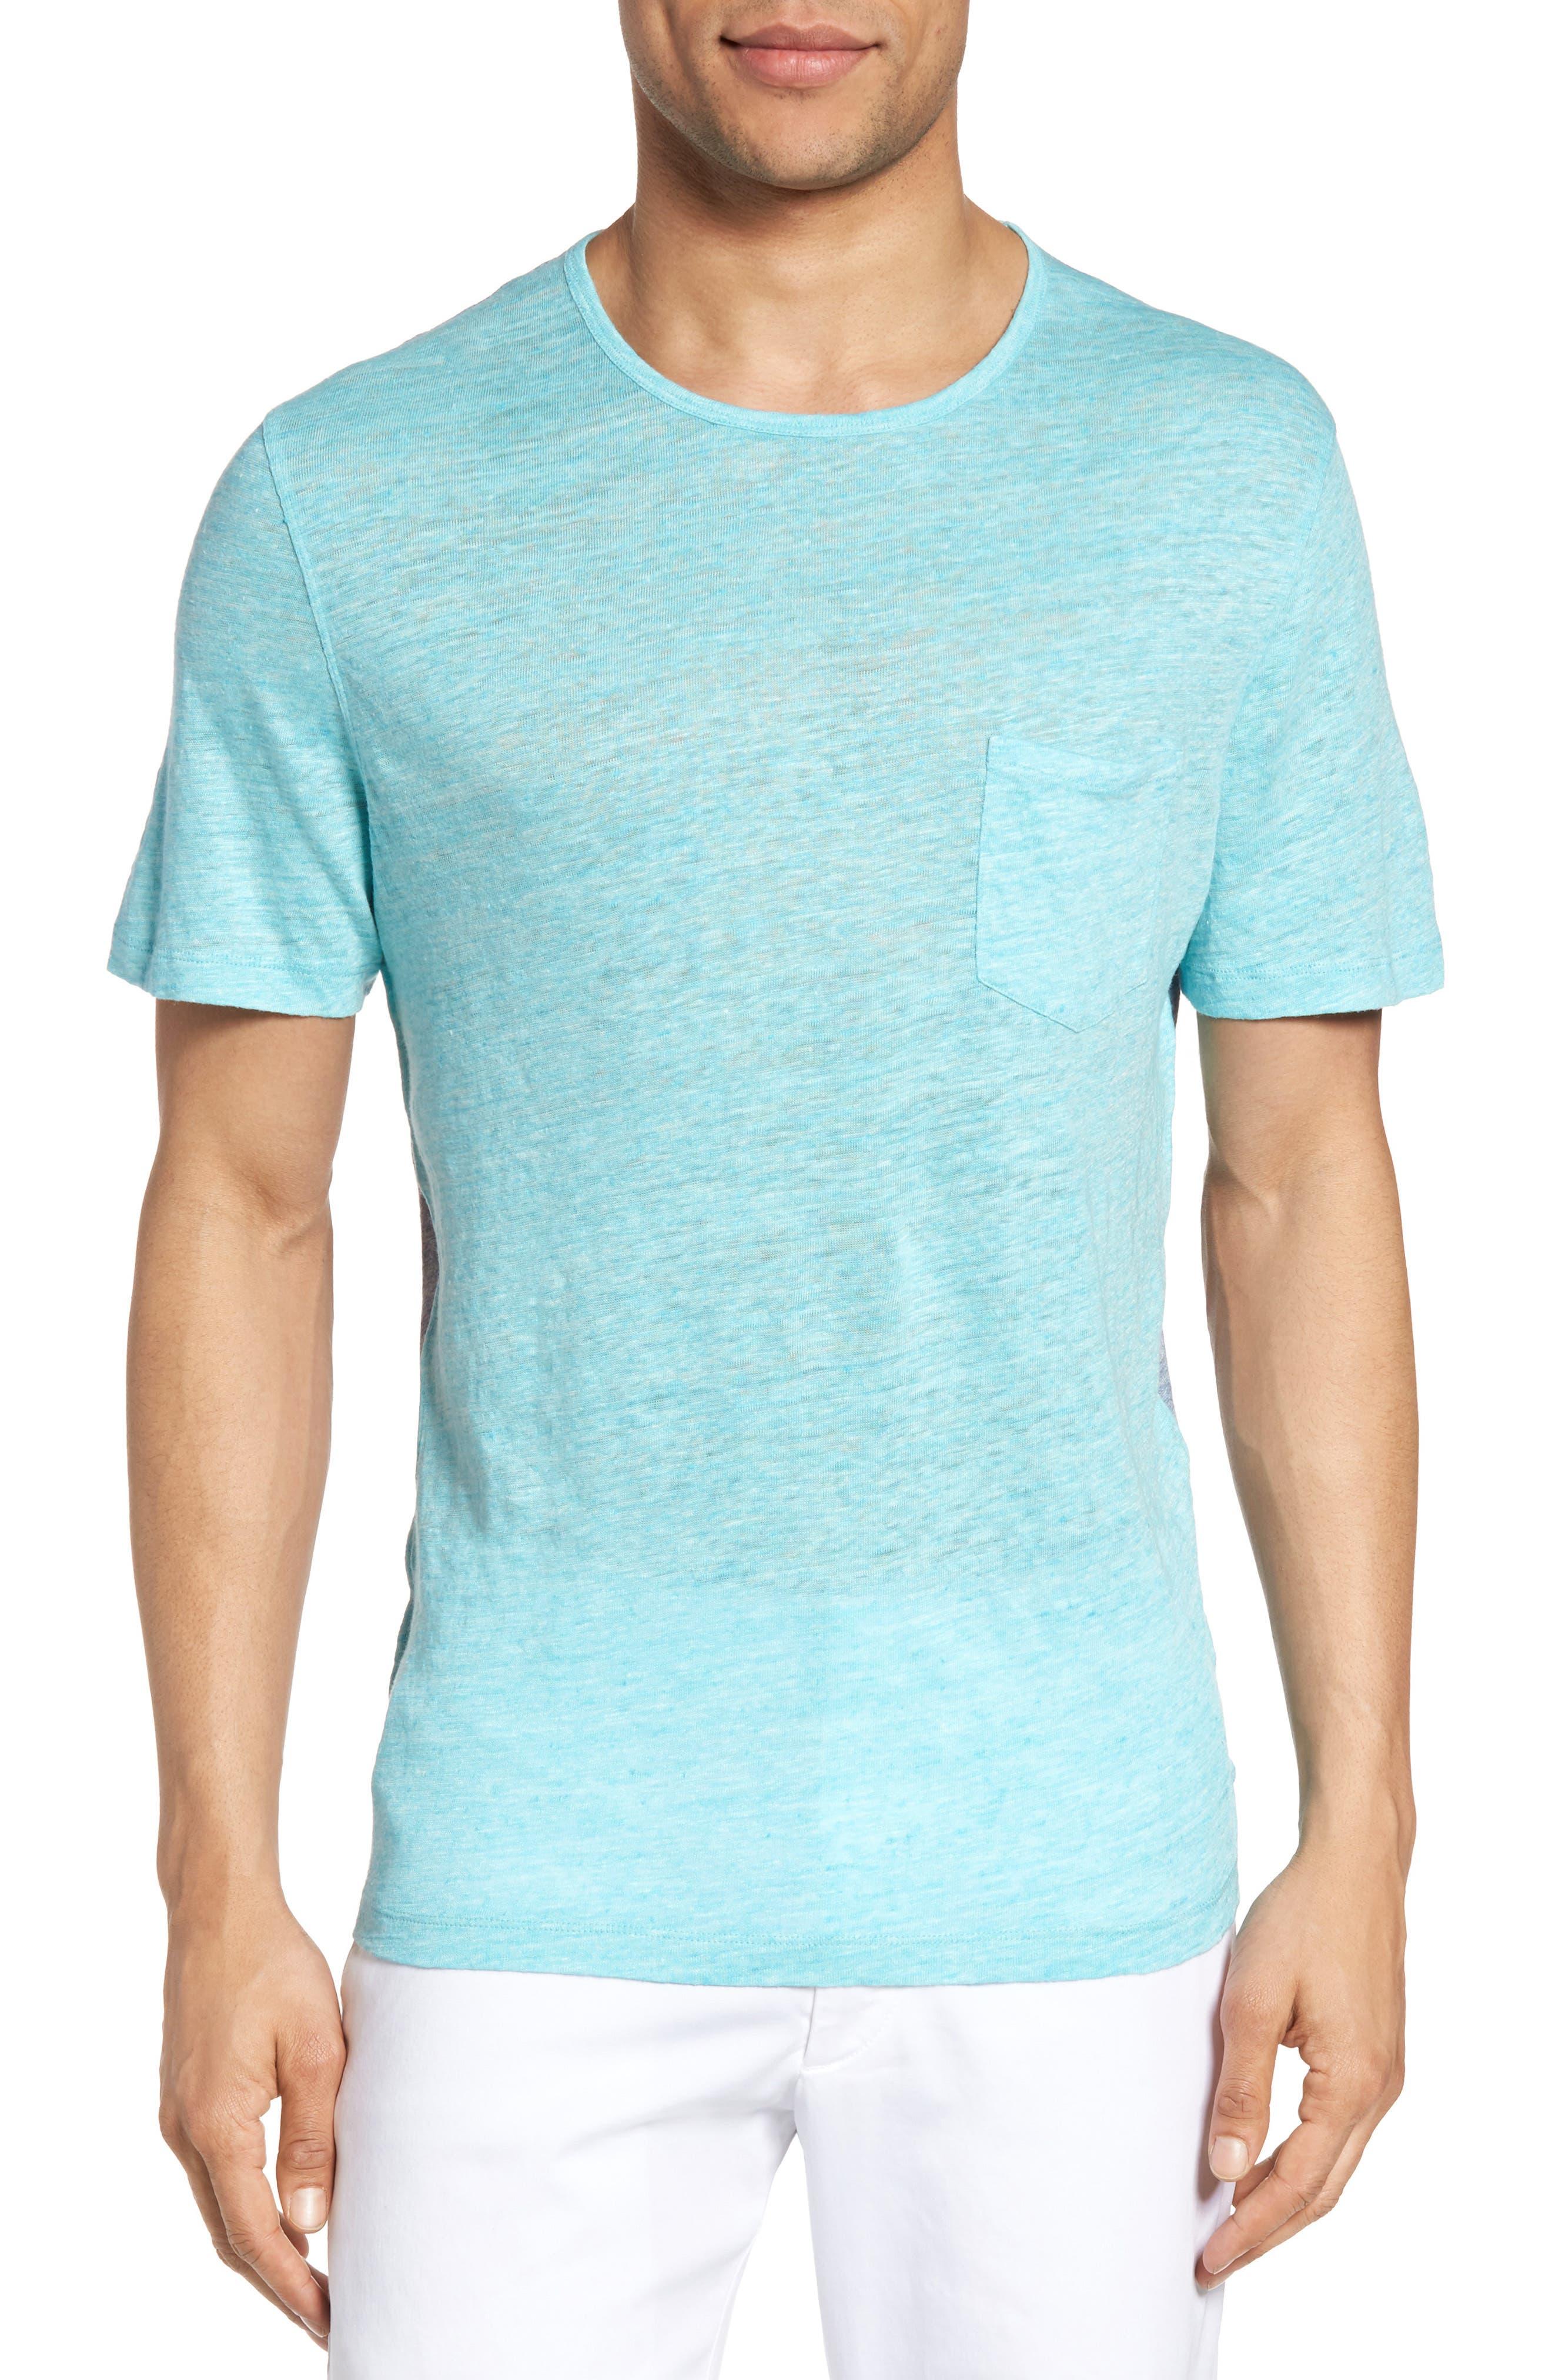 Monad Colorblock Linen T-Shirt,                             Main thumbnail 1, color,                             Aqua